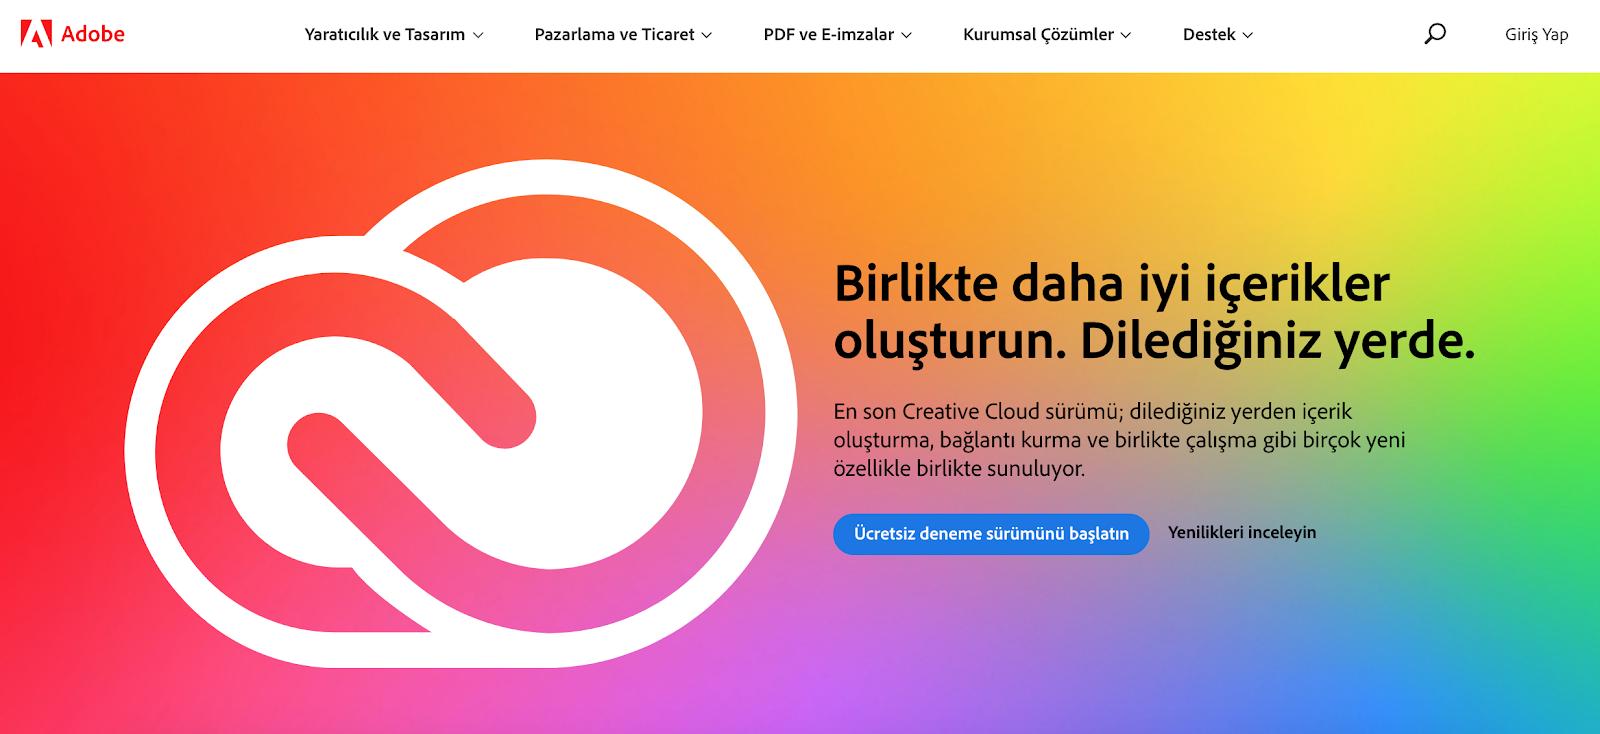 Adobe Turkish version of website